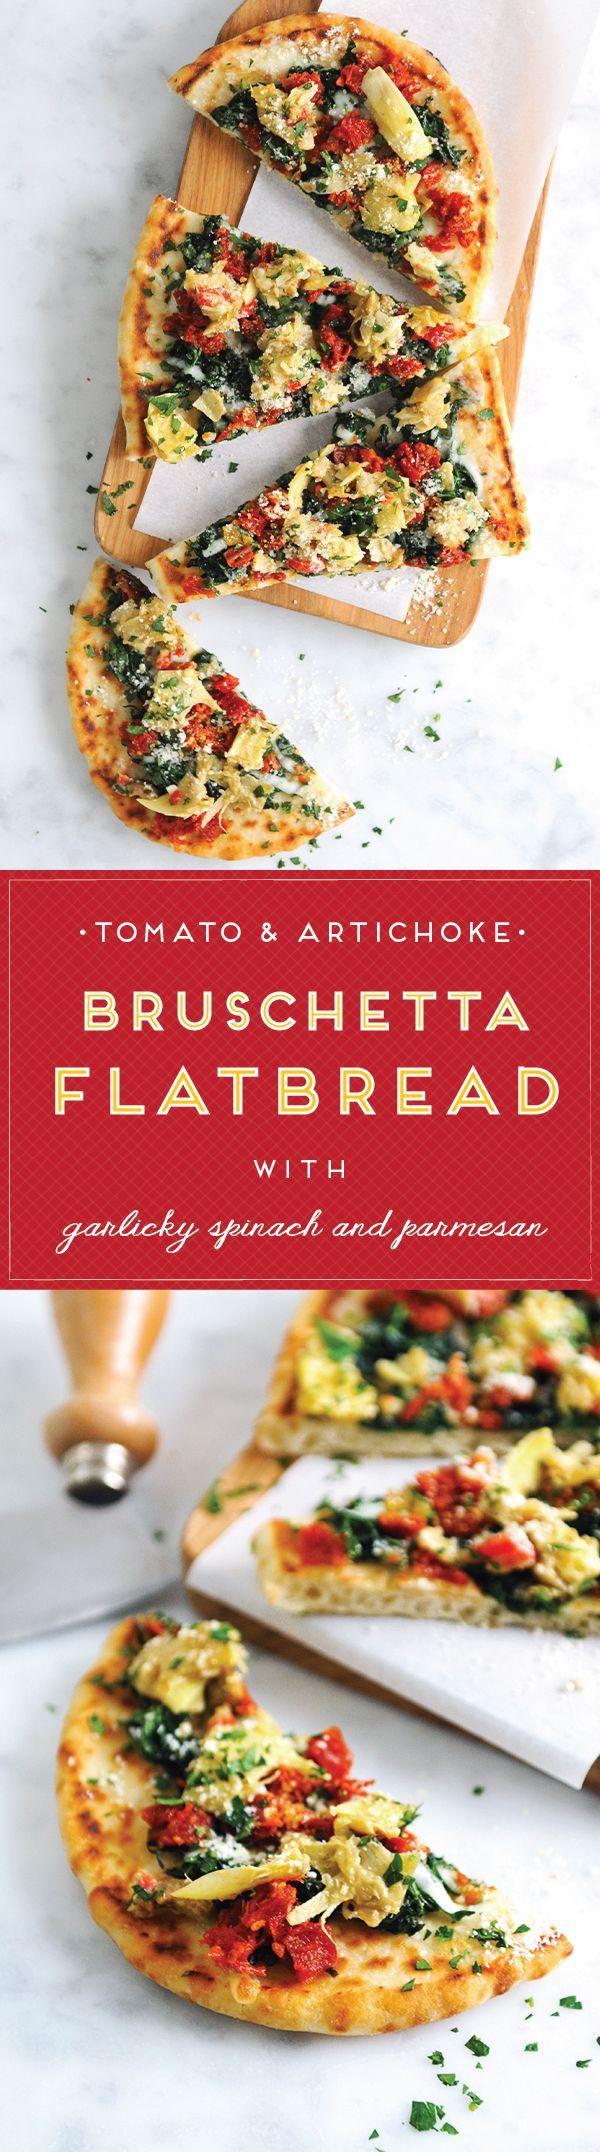 Perfect for spring! // Sun-Dried Tomato & Artichoke Bruschetta Flatbread